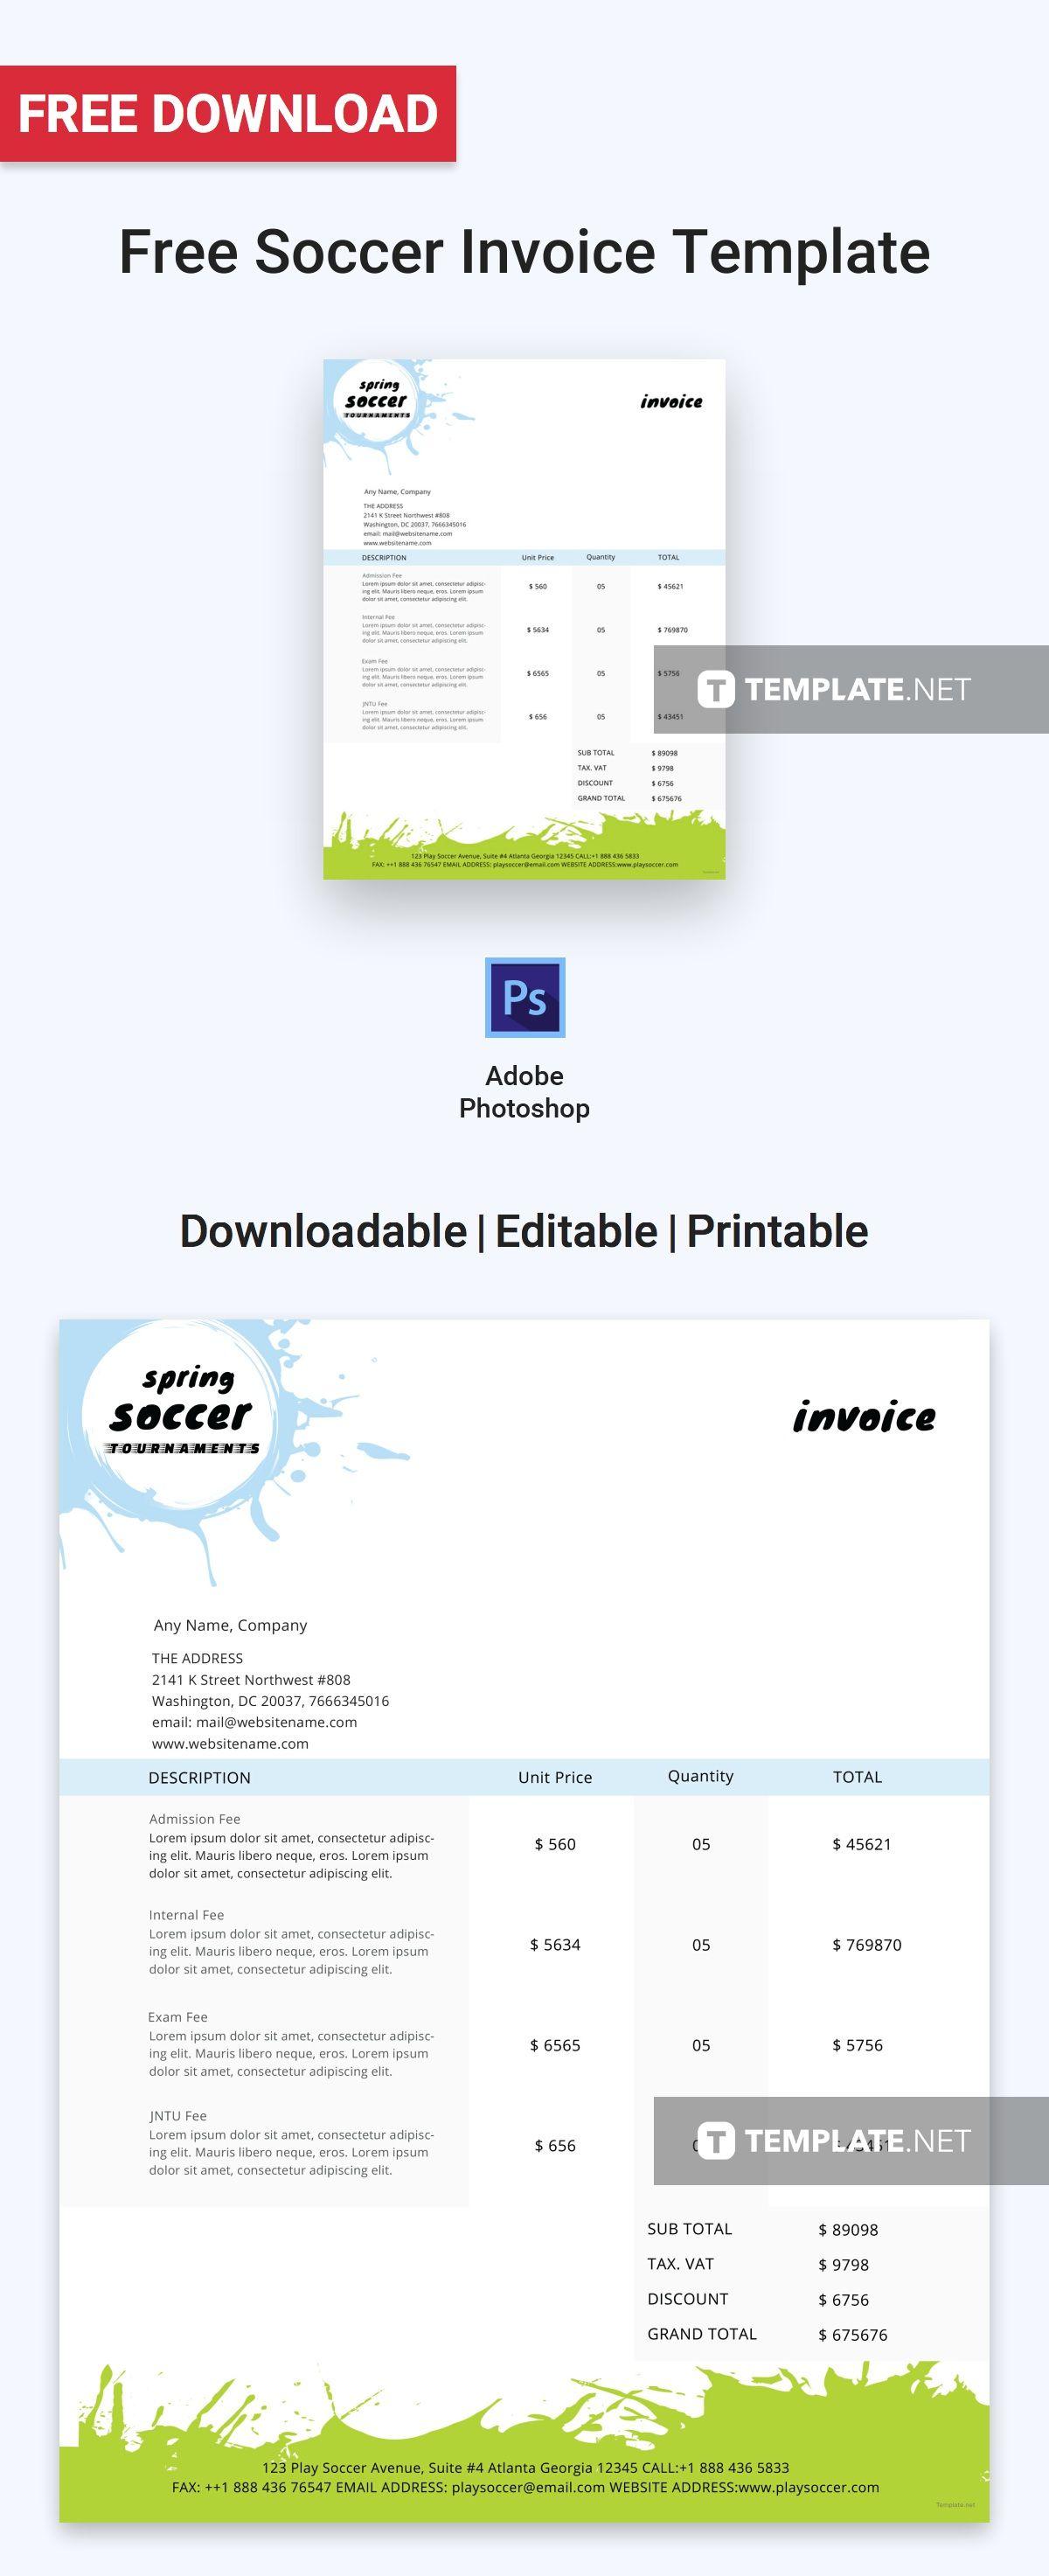 Free Soccer Invoice Invoice template, Invoice design